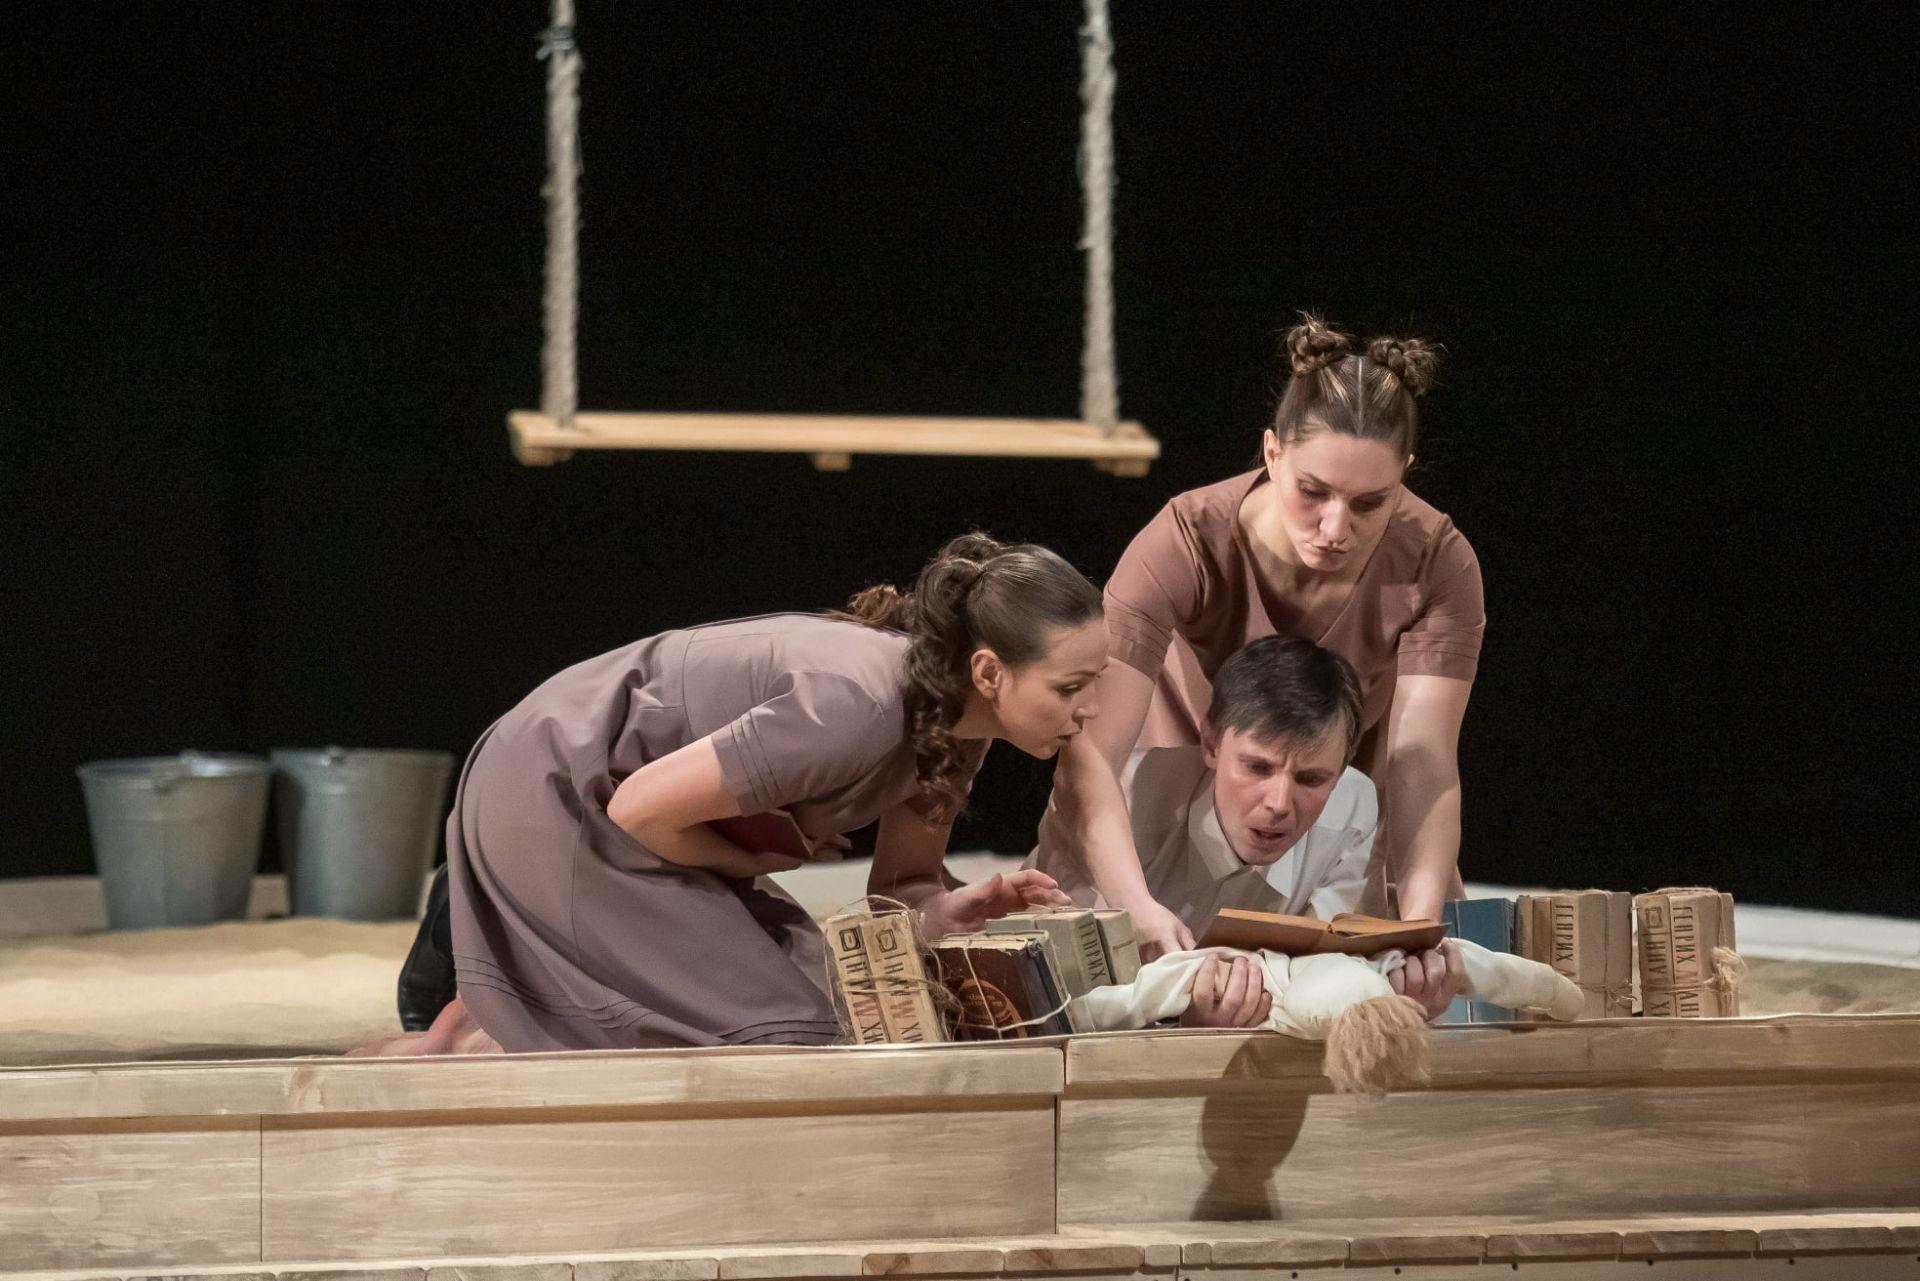 Спектакль театра Таганрога вошел в топ значимых событий